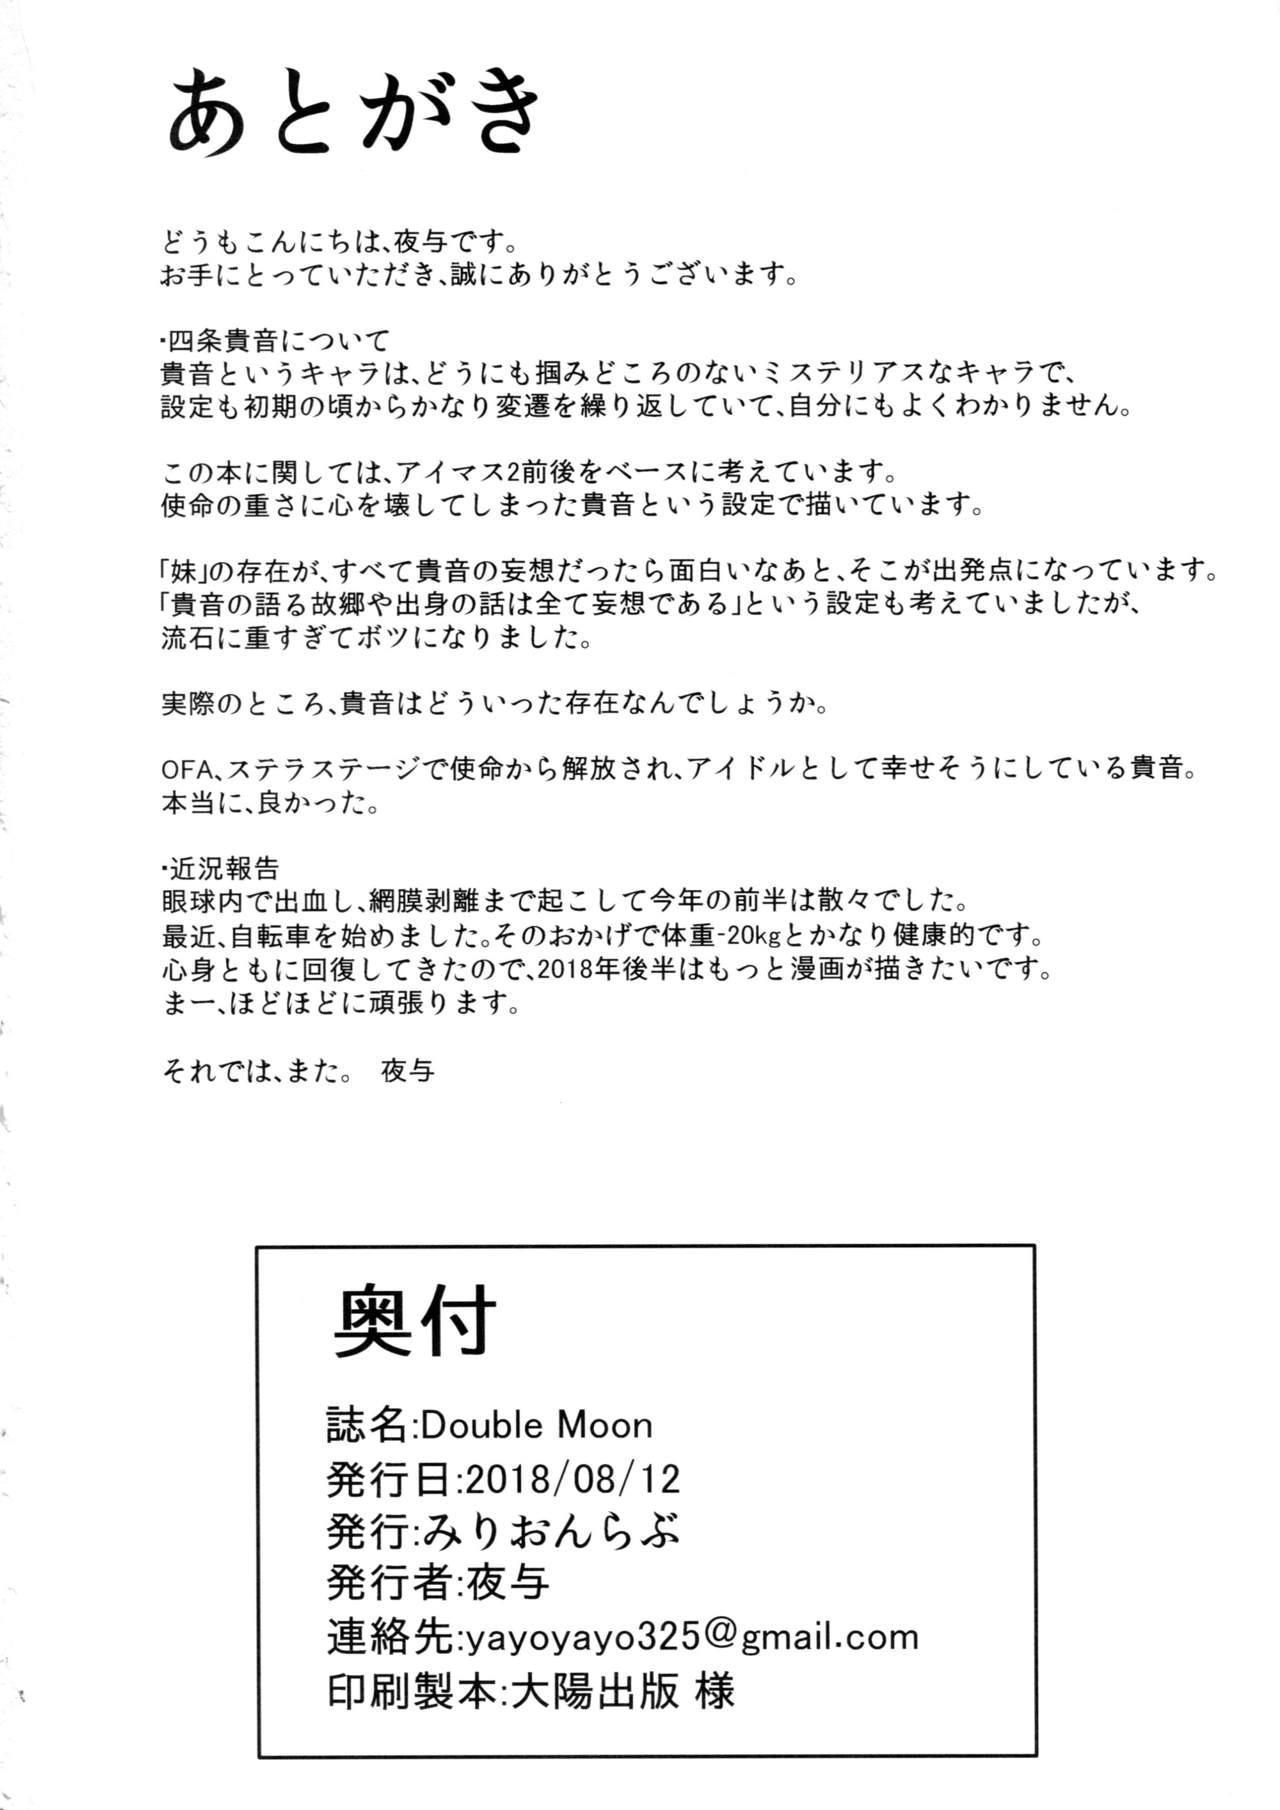 Double Moon 32